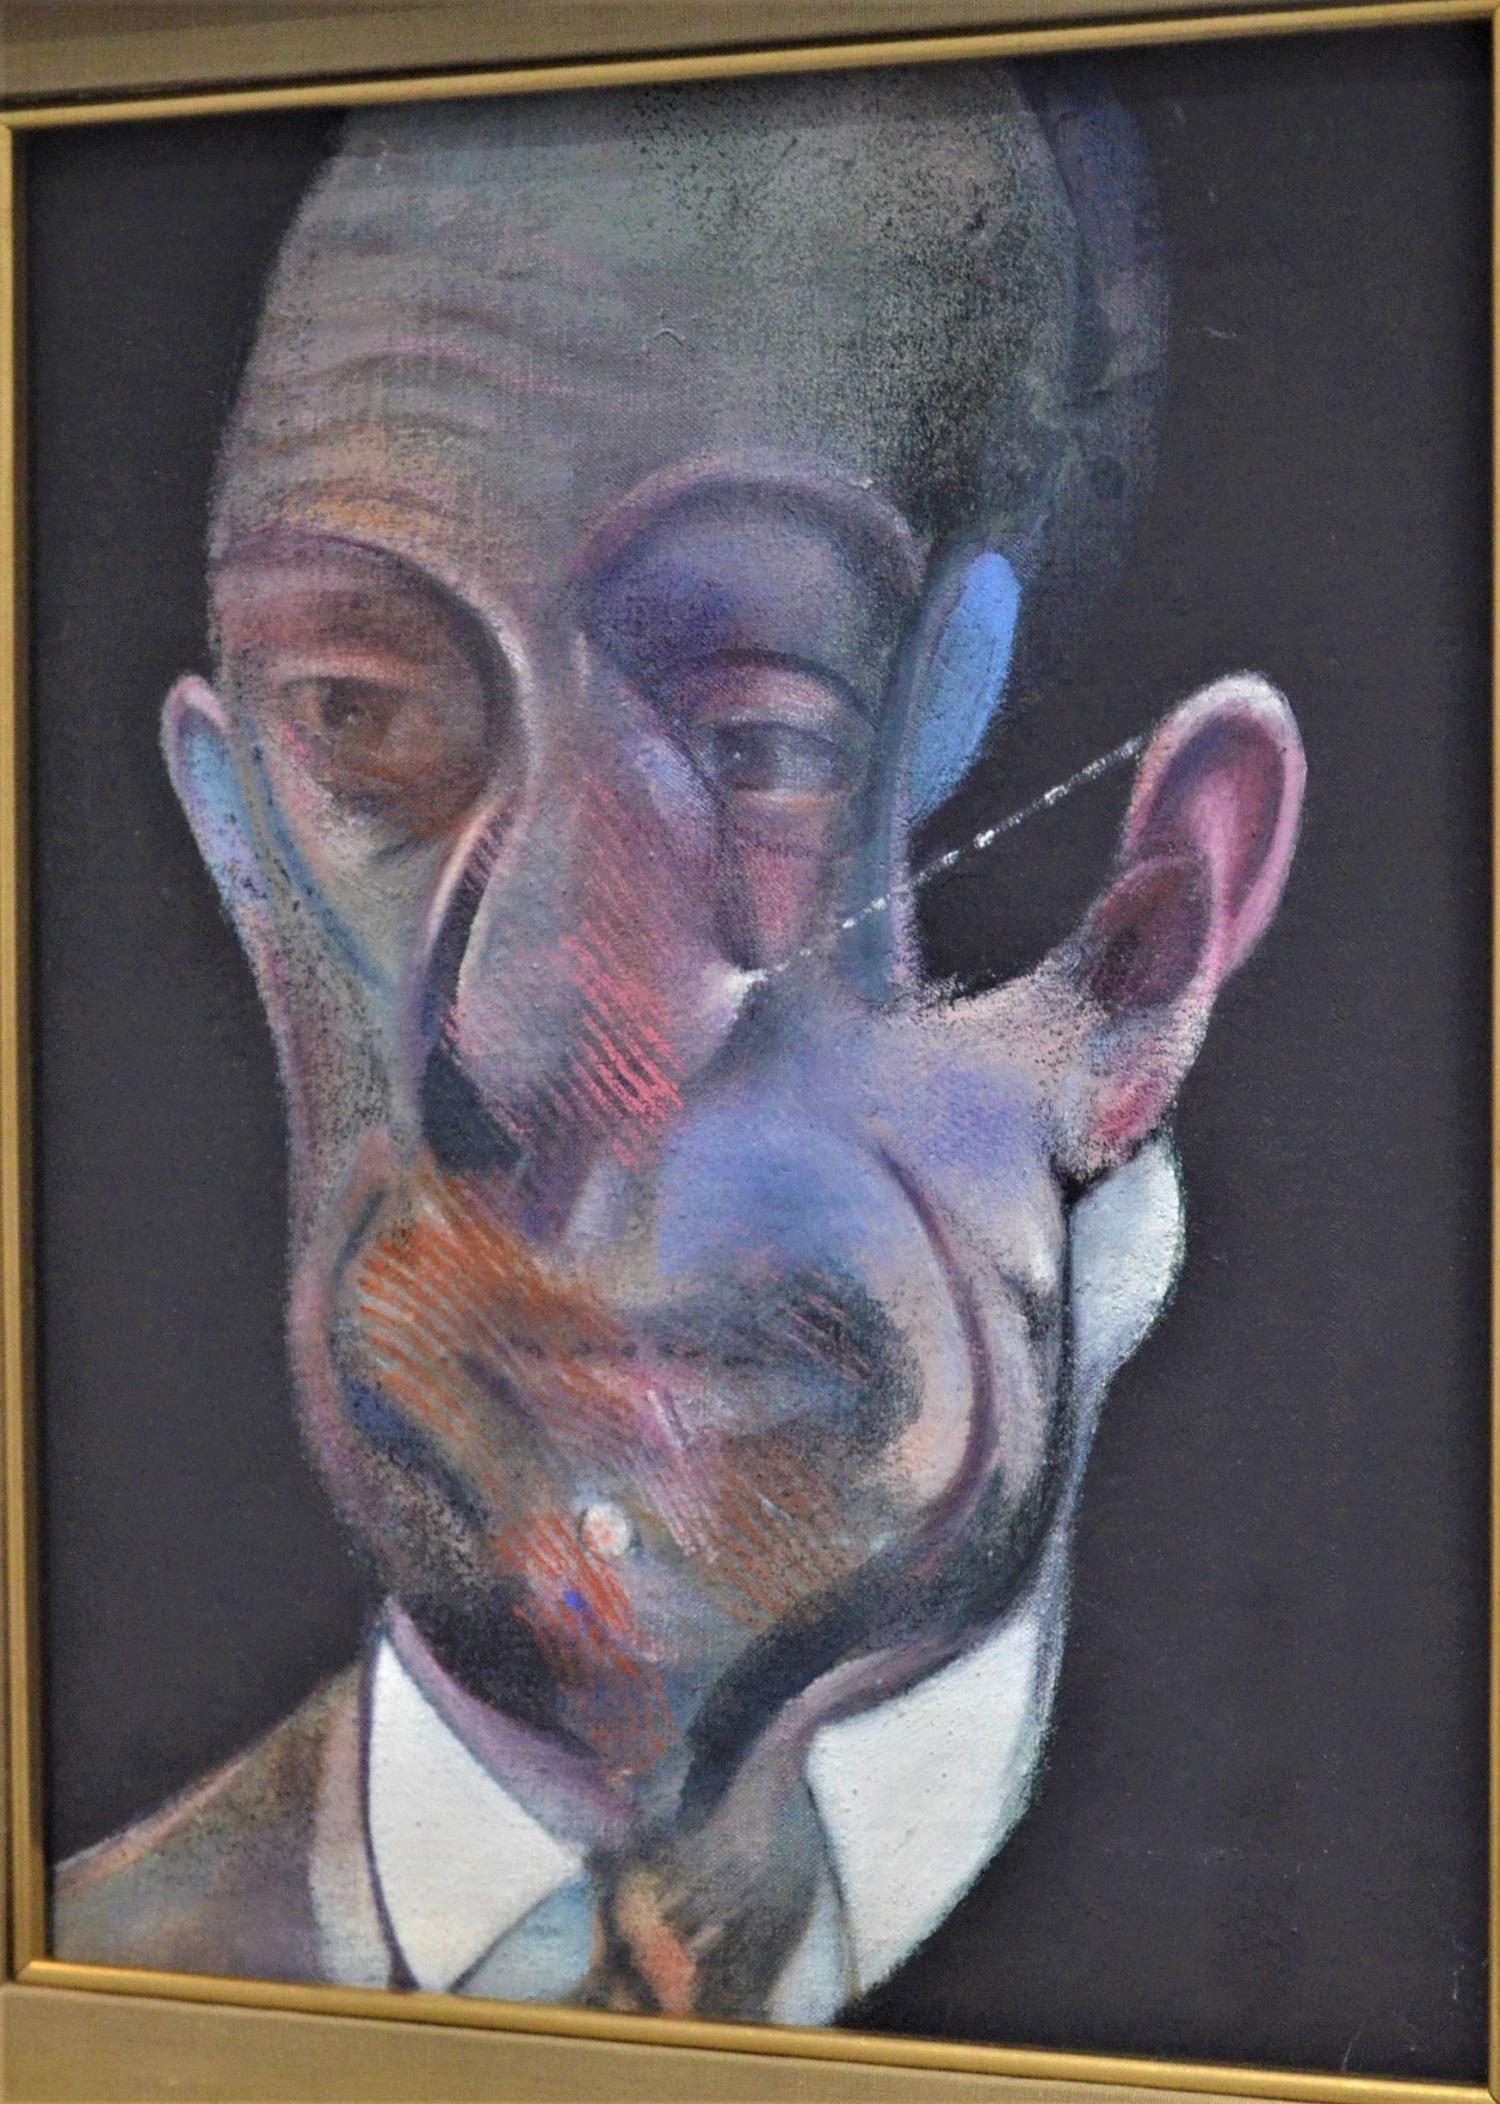 Tenue D Artiste Peintre francis bacon : « j'aime vivre dans le chaos » - philippe